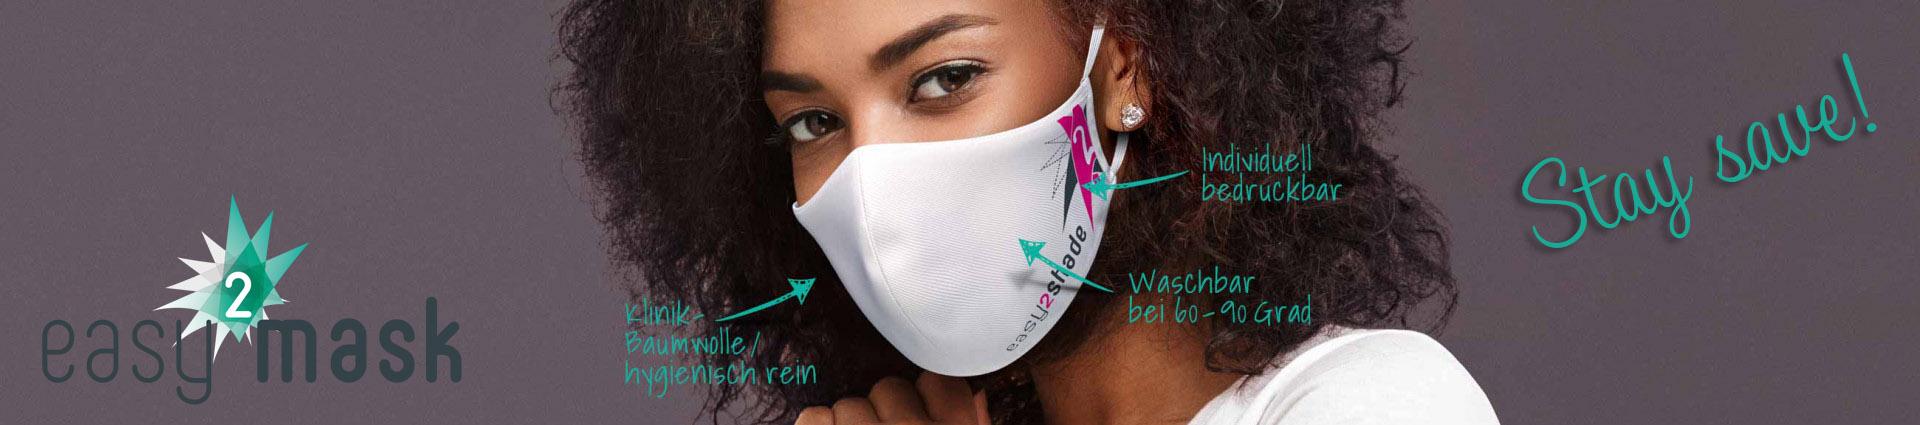 easy2mask